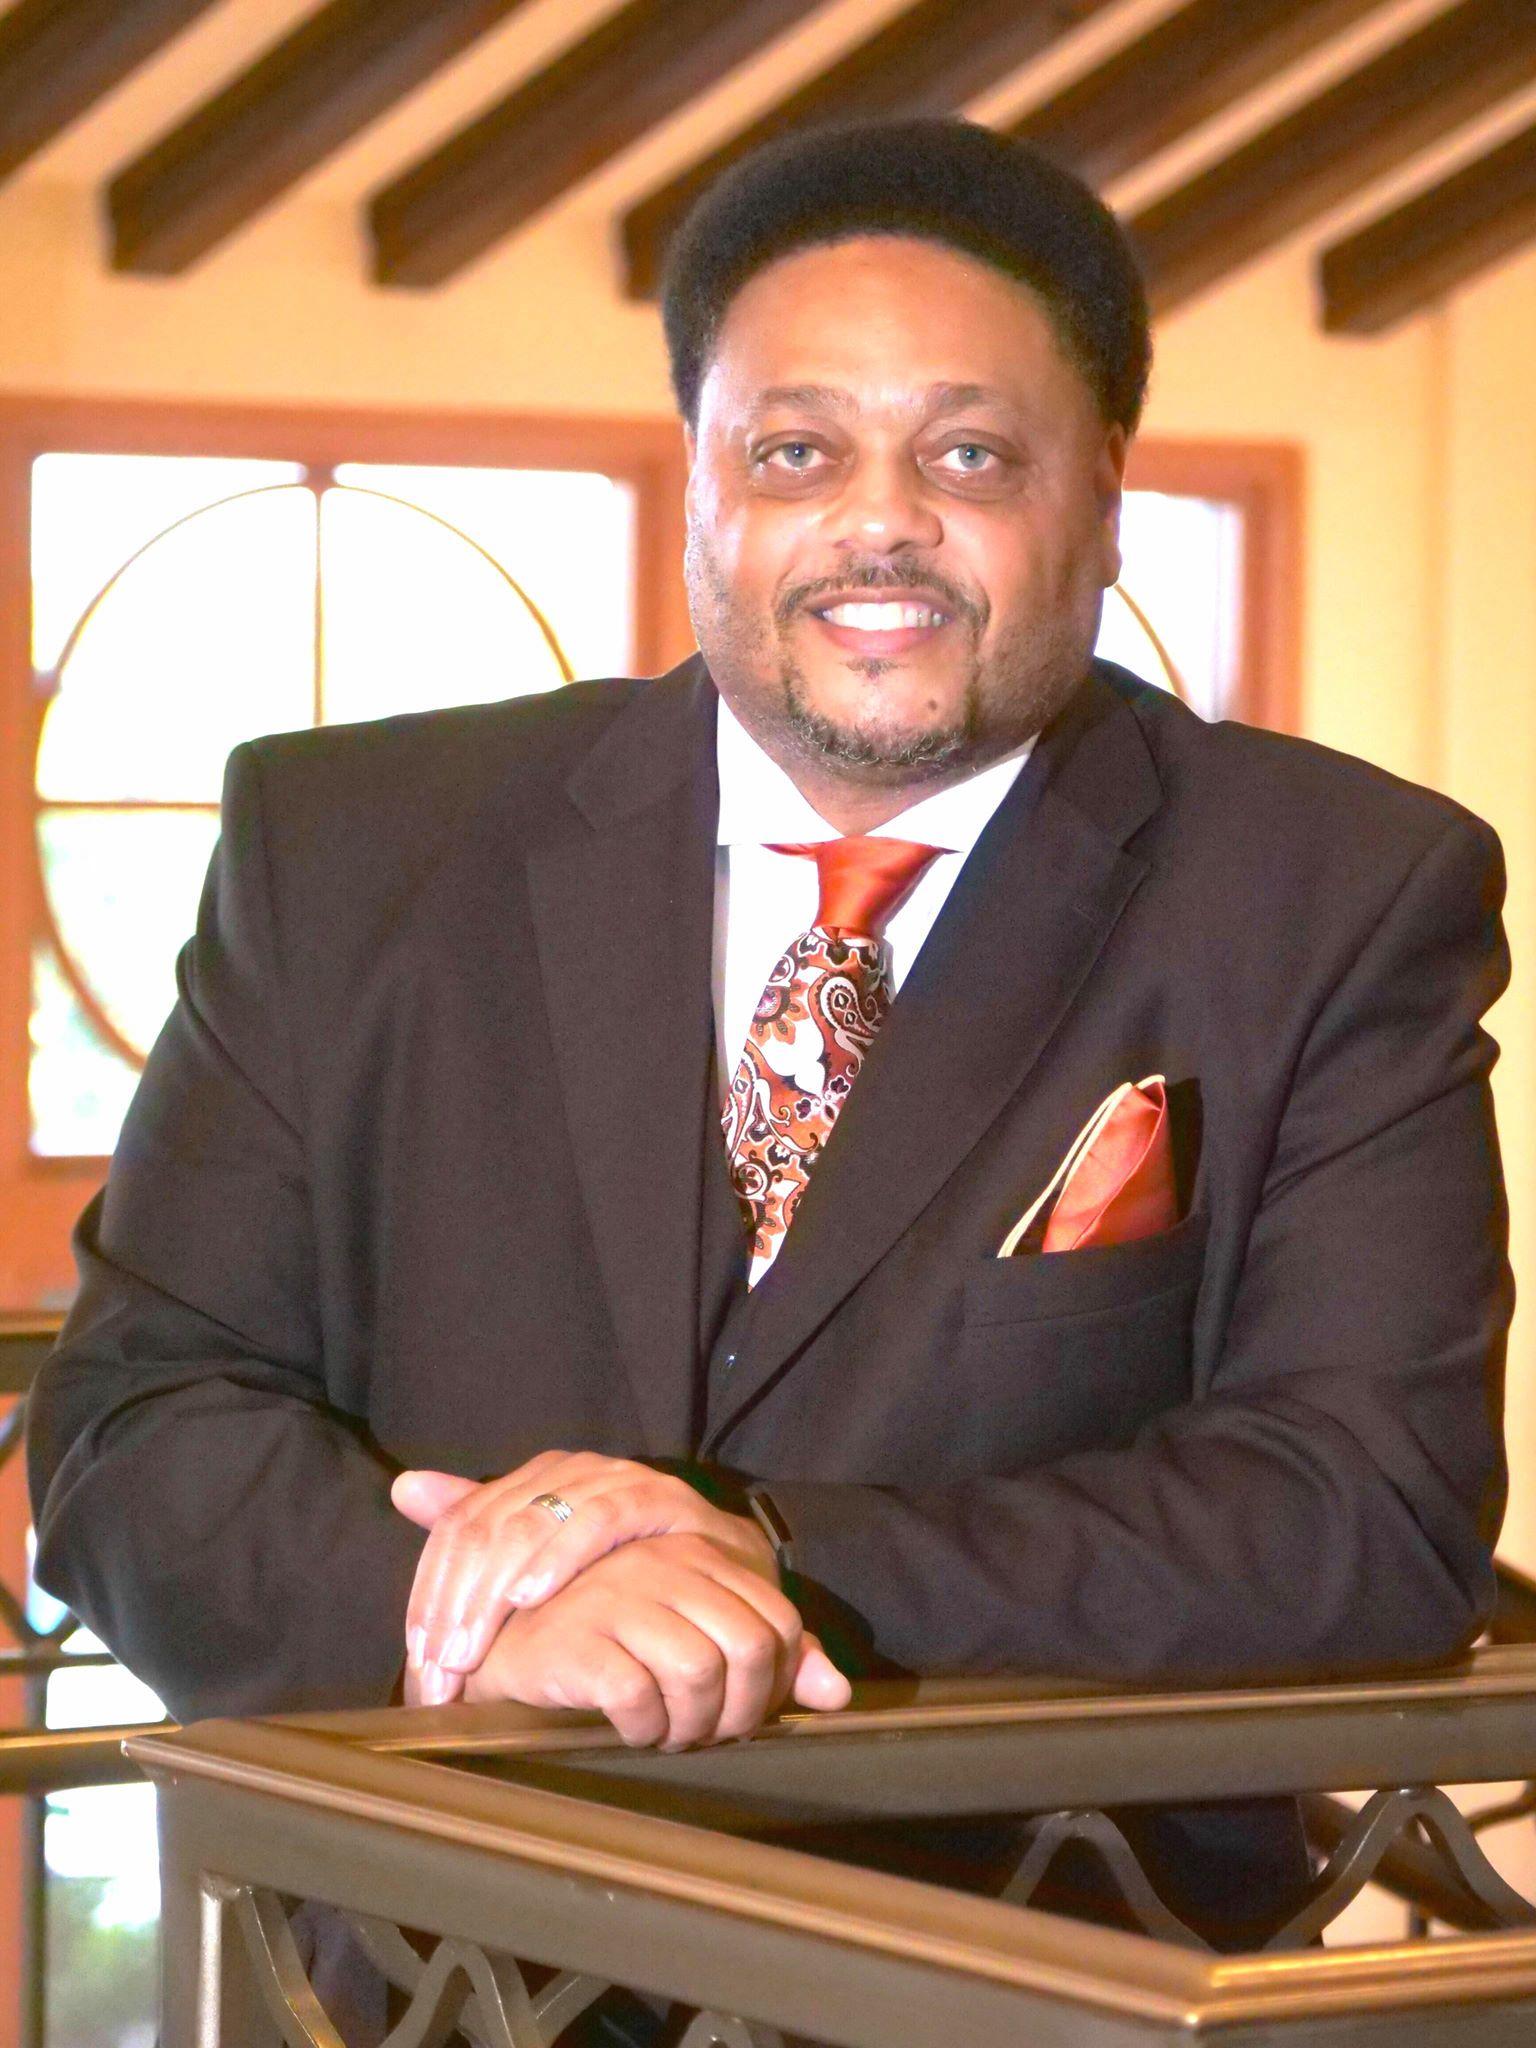 District Elder Melvin Campbell